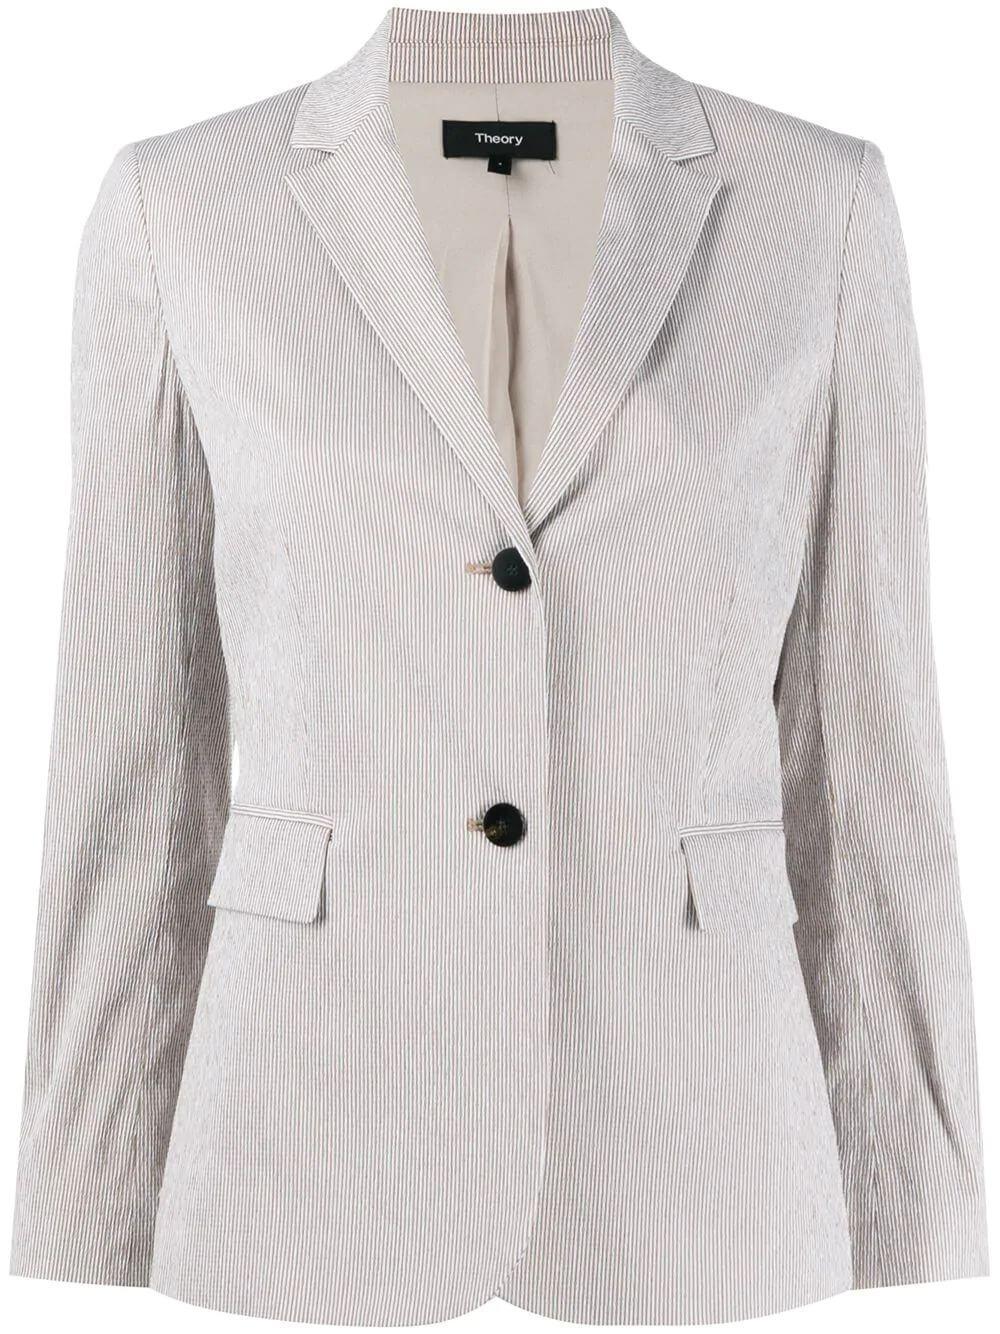 Classic Shrunken Seersucker Jacket Item # K0204111